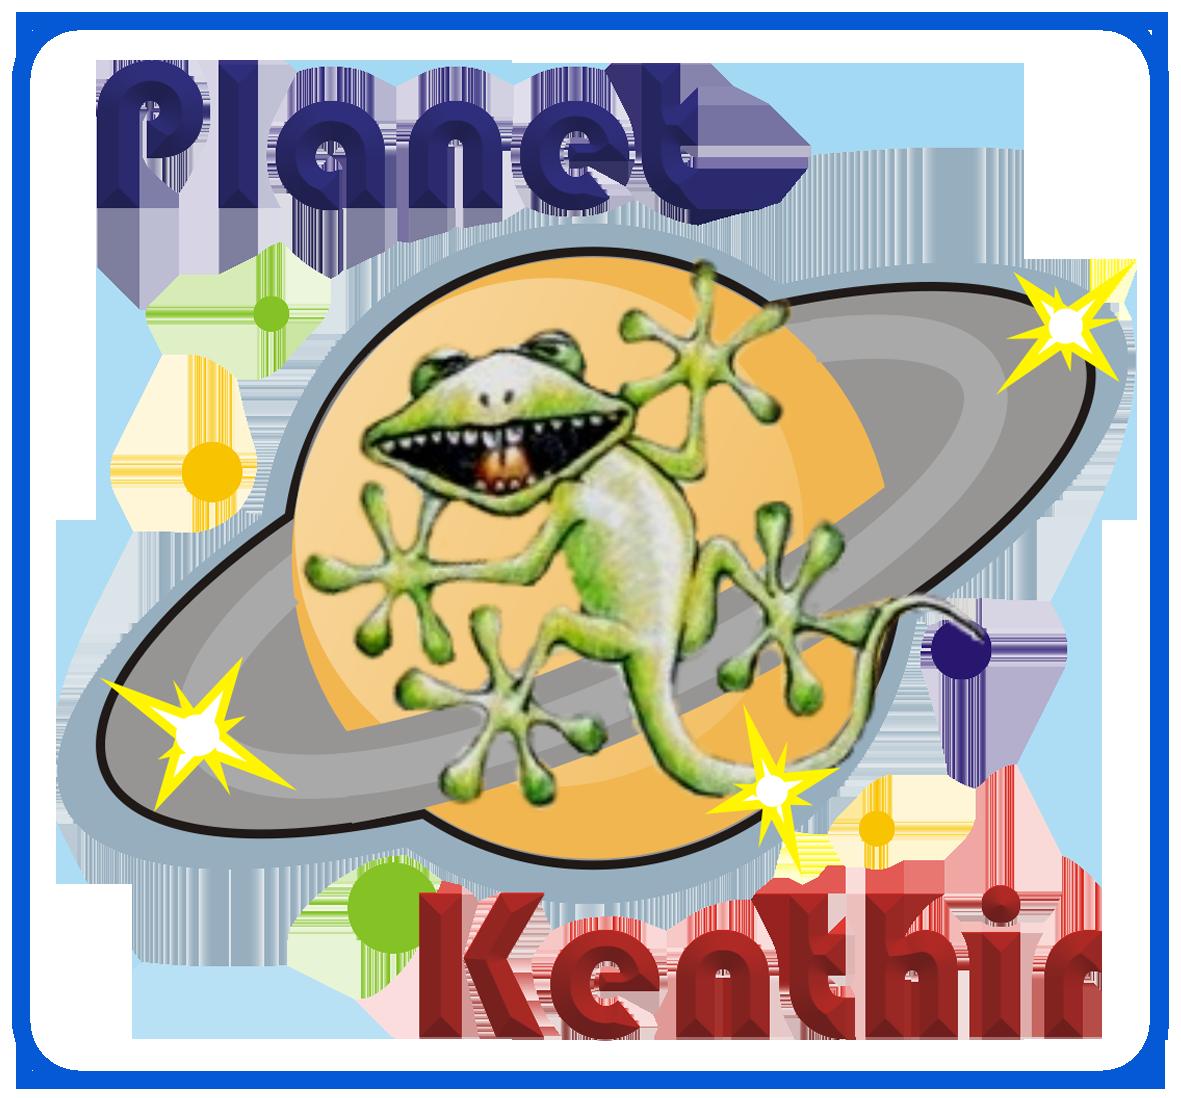 items/kaleidoskop_2019/17-planet-kenthir-1577688276.png